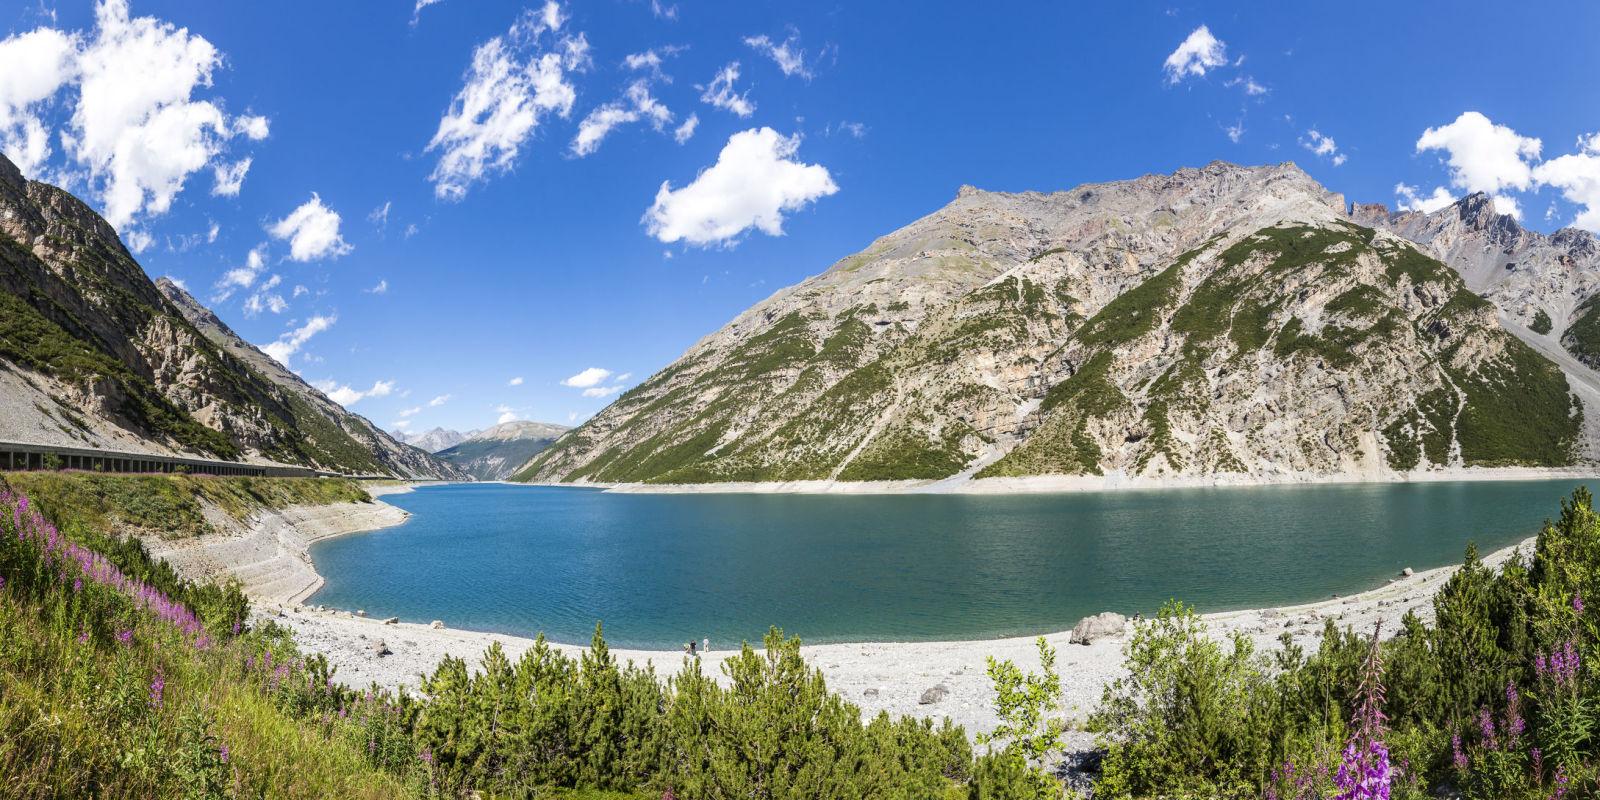 Vacanze in montagna i posti pi chic in italia for Vacanze nord italia montagna